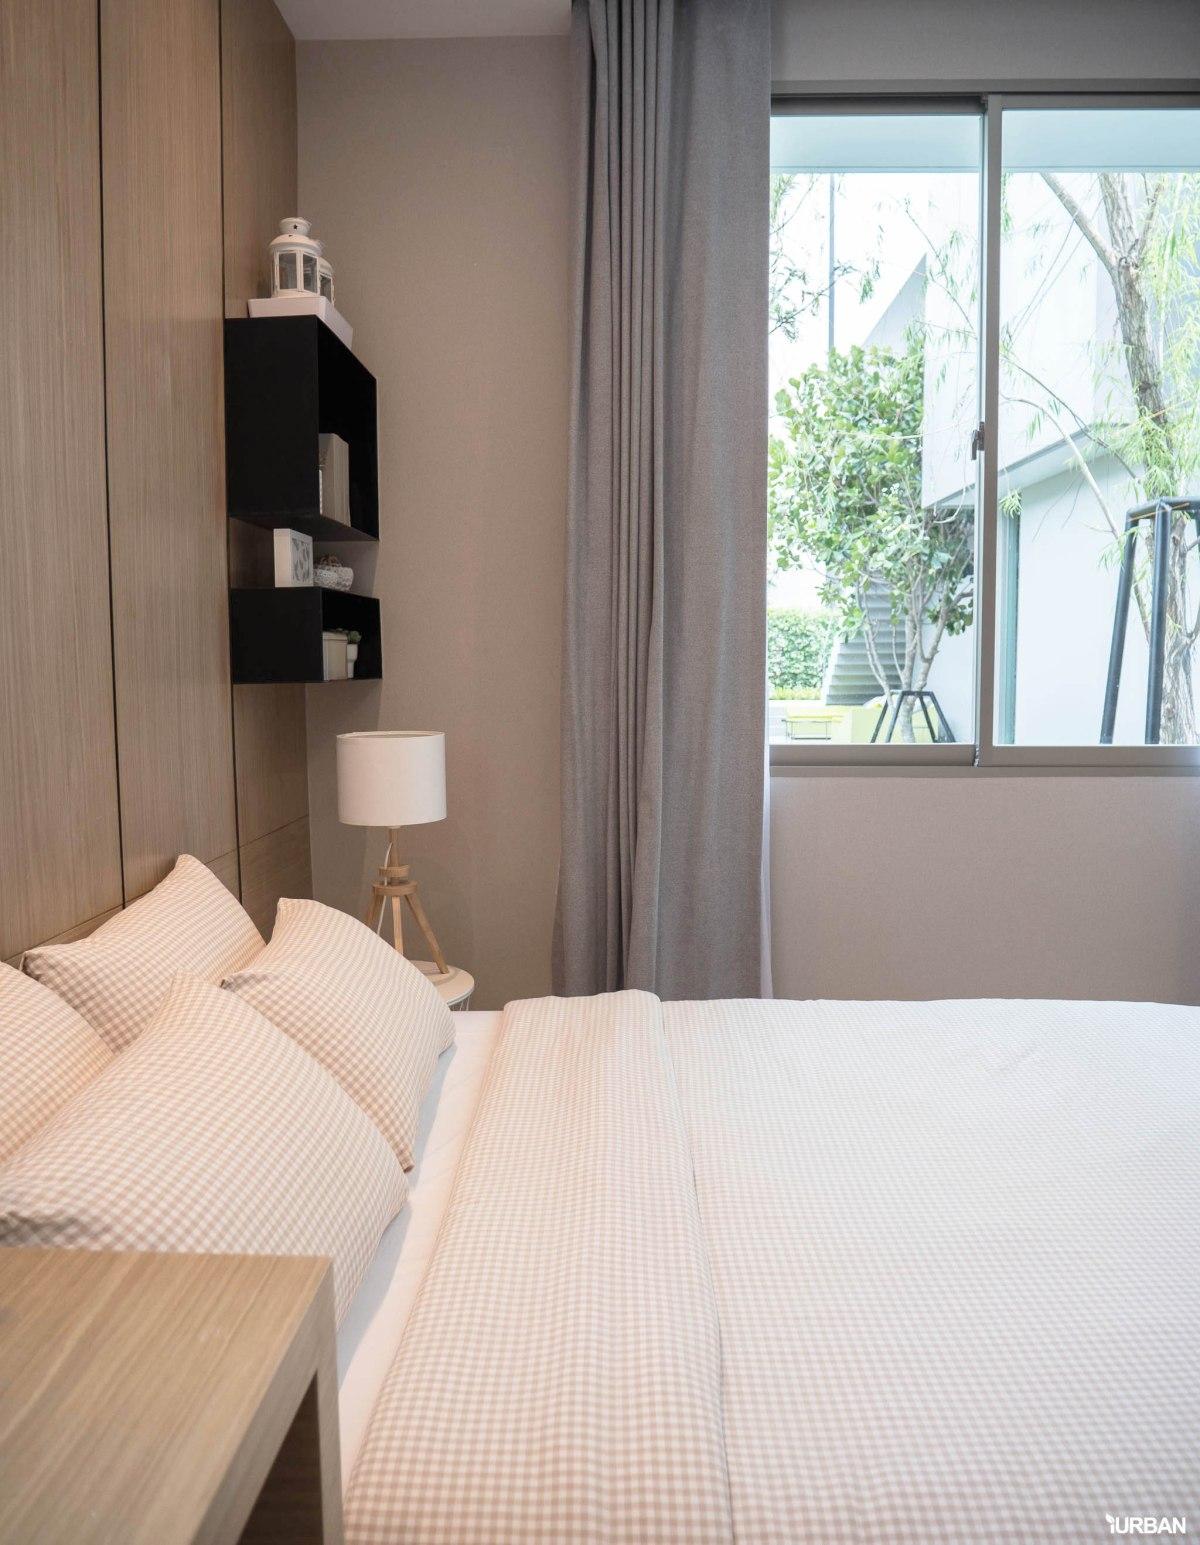 รีวิว Nirvana BEYOND Udonthani บ้านเดี่ยว 3 ชั้น ดีไซน์บิดสุดโมเดิร์น บนที่ดินสุดท้ายหน้าหนองประจักษ์ 101 - Luxury